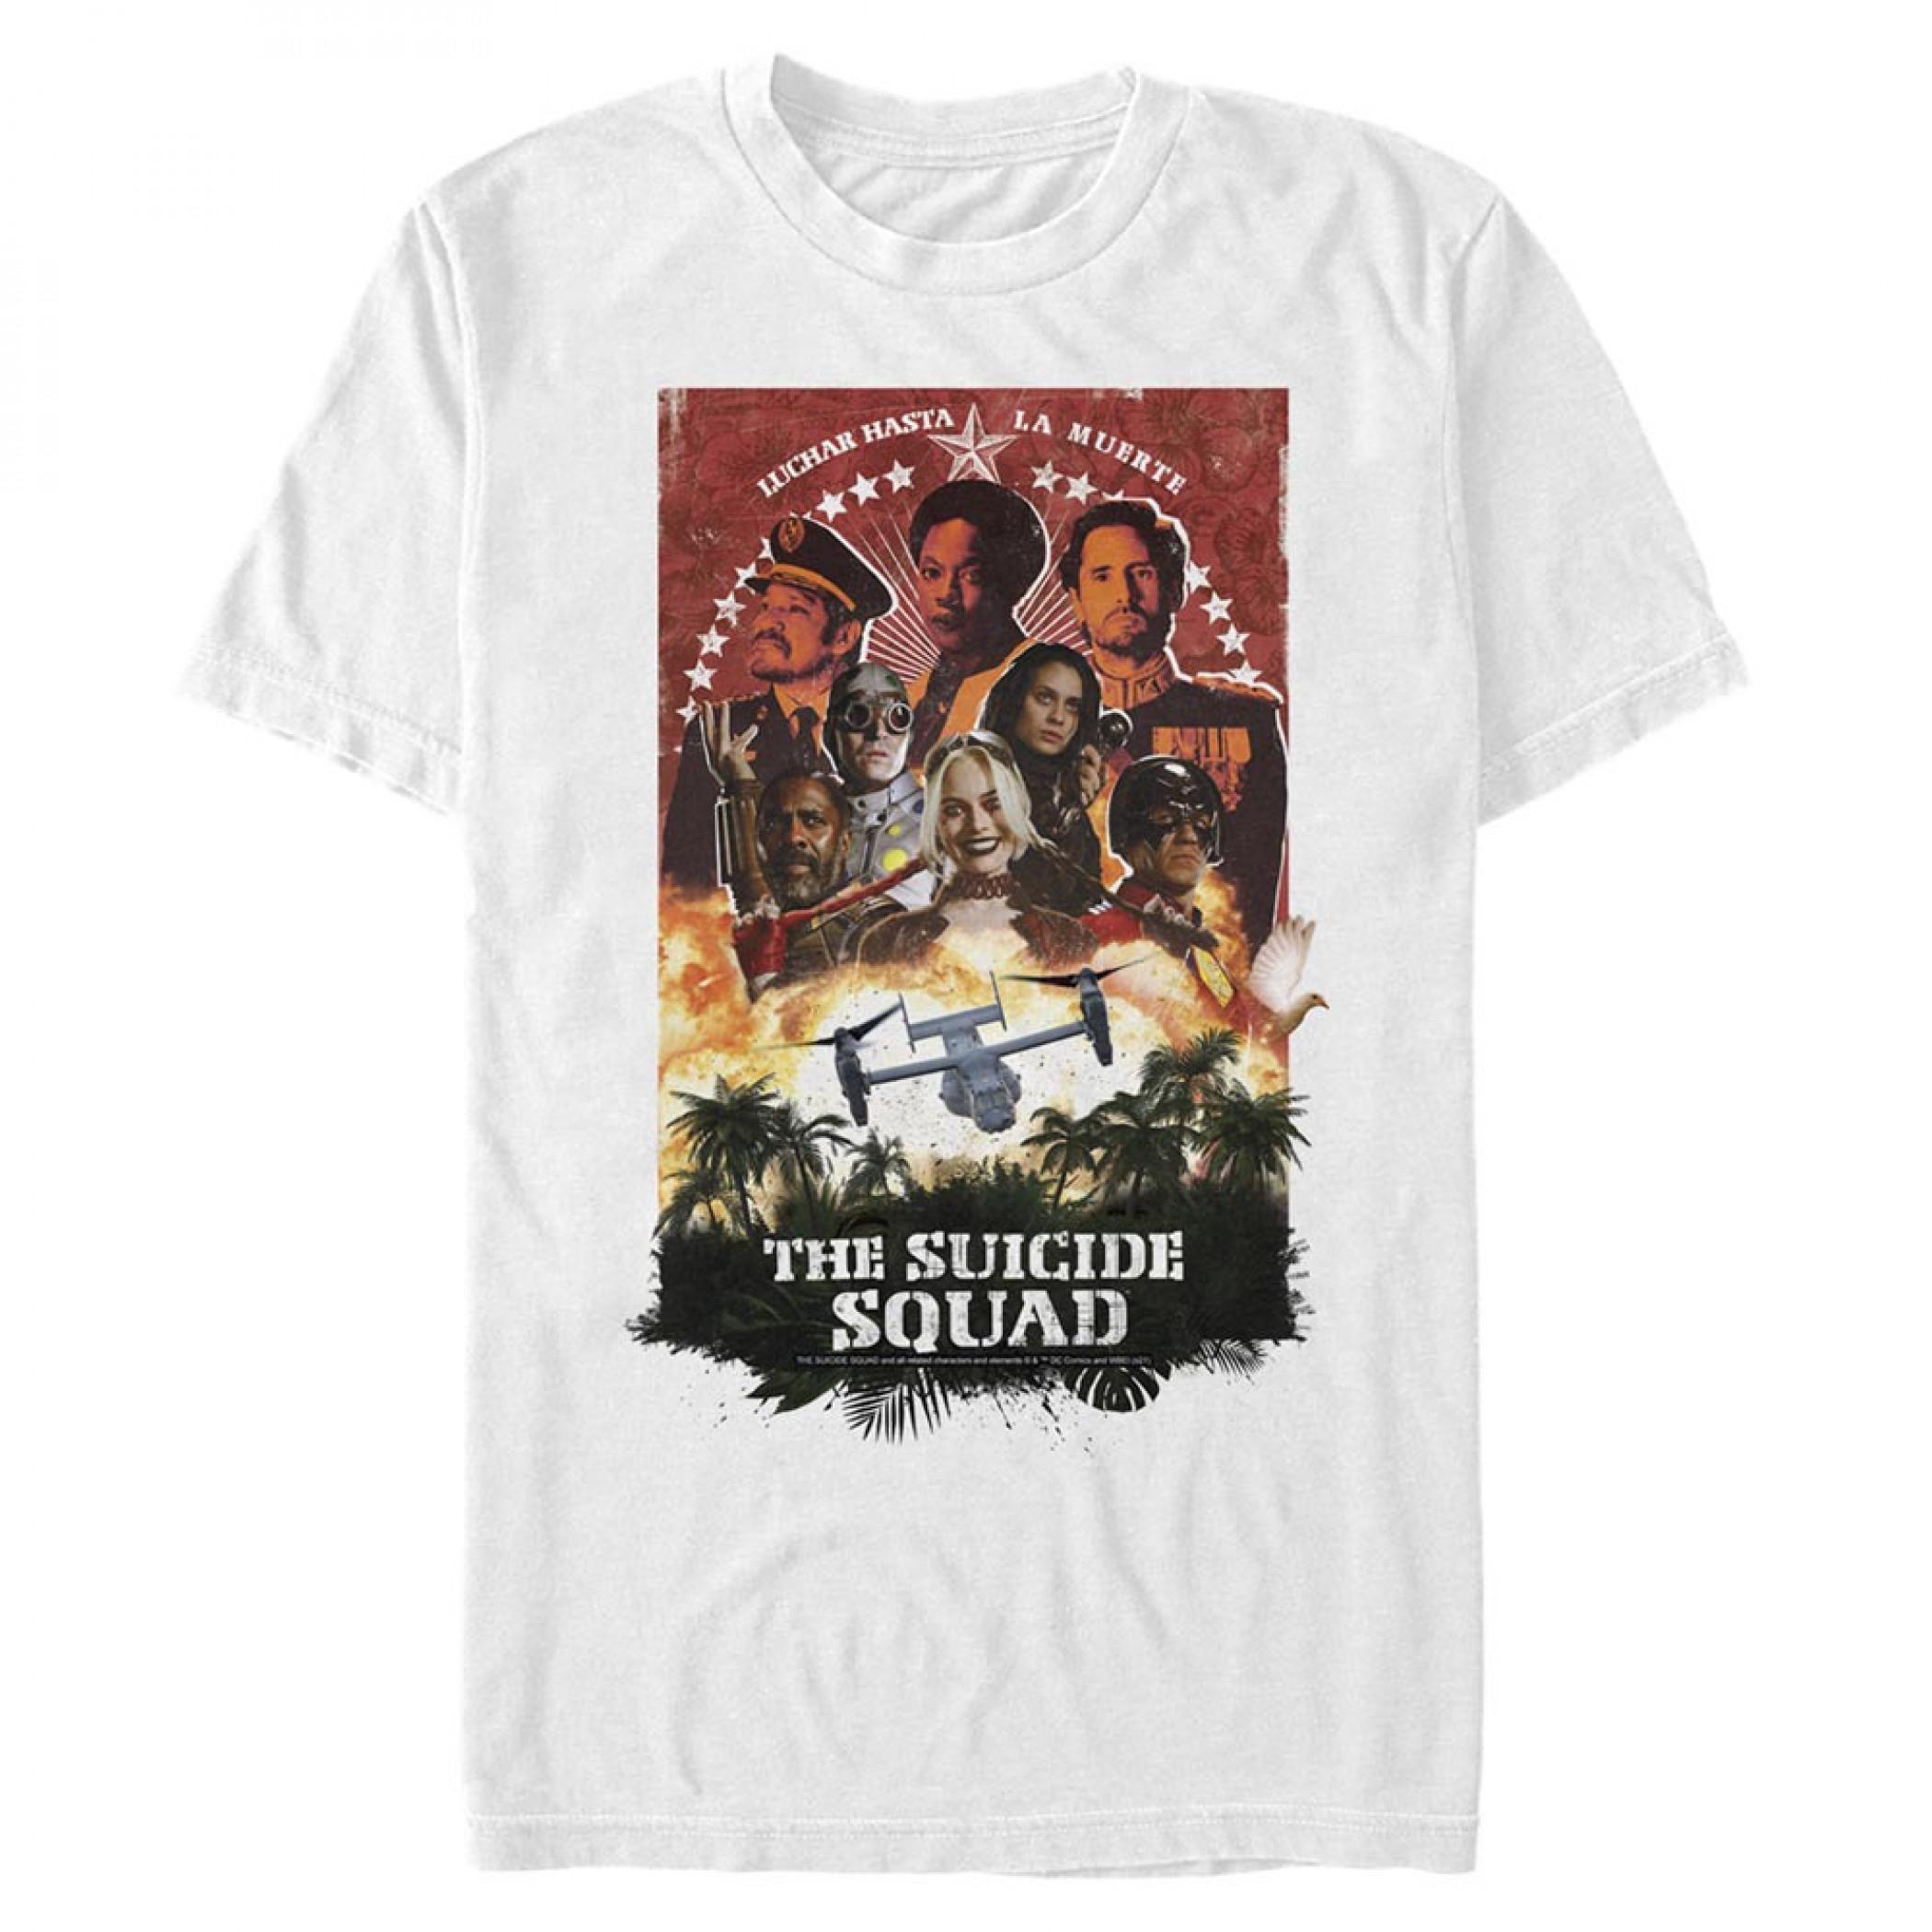 The Suicide Squad Plane Movie Poster Men's T-Shirt